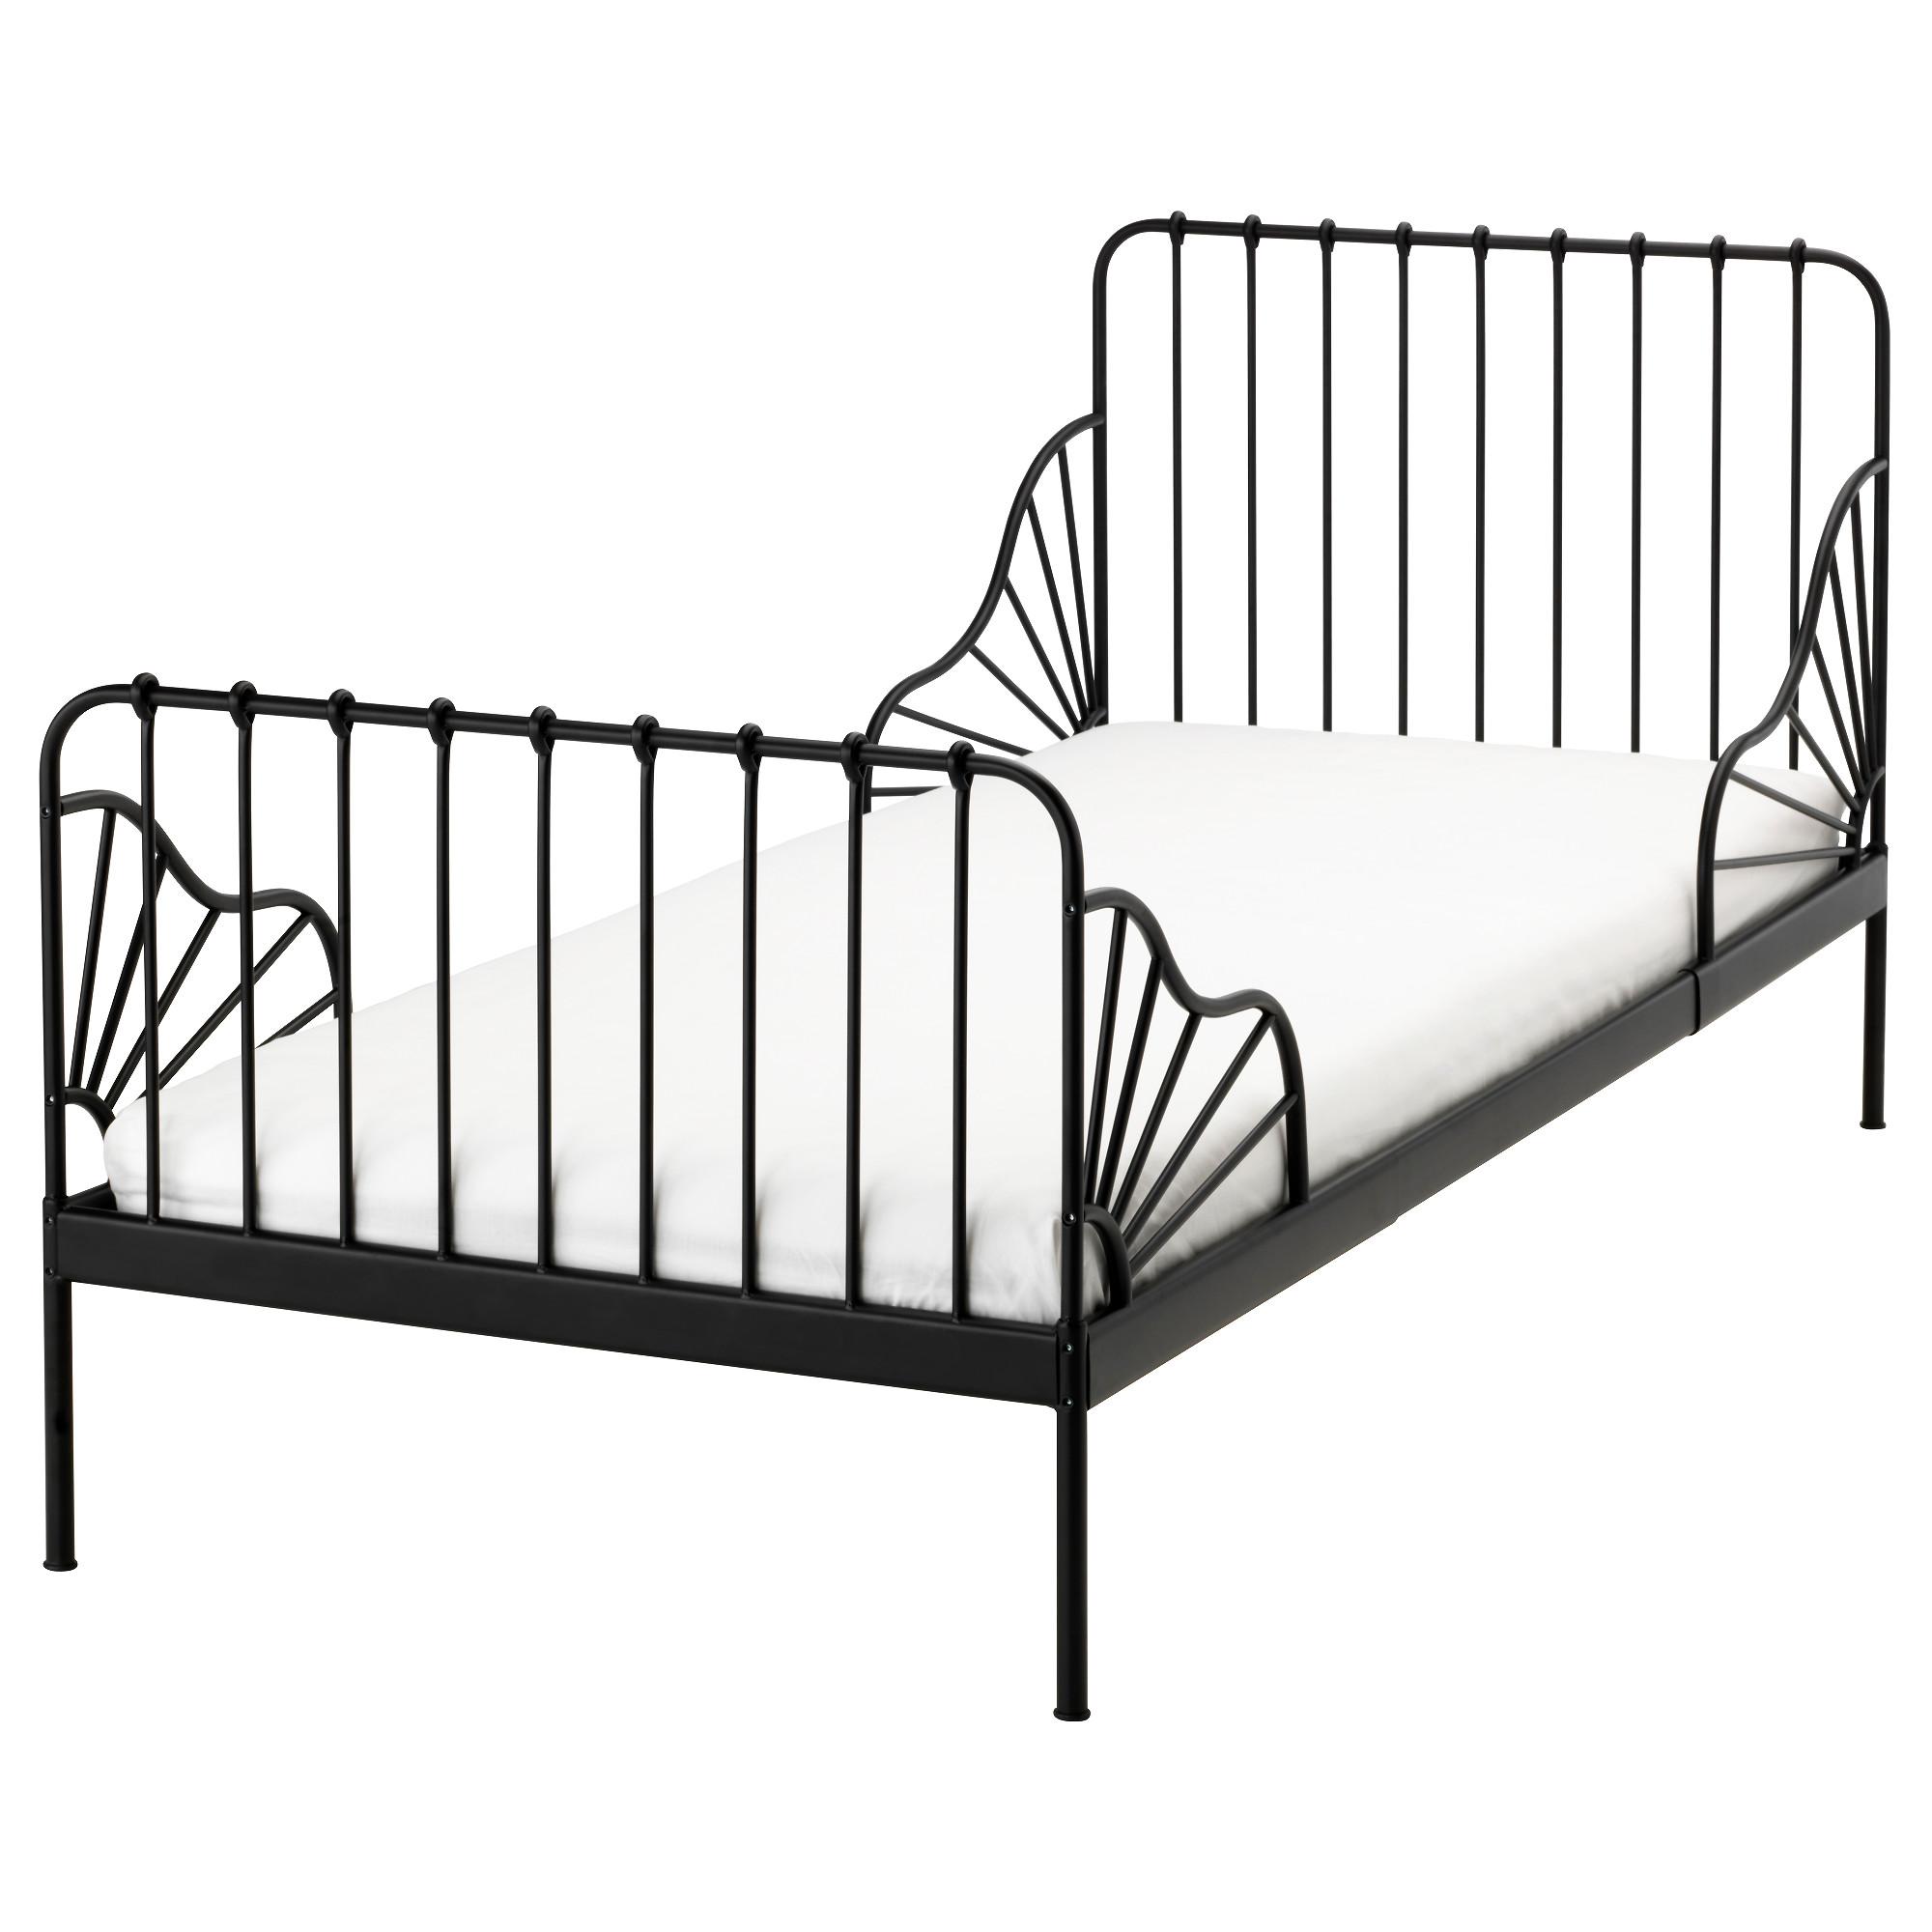 Каркас раздвижной кровати + реечное днище МИННЕН черный артикуль № 391.246.22 в наличии. Интернет сайт IKEA РБ. Недорогая доставка и установка.